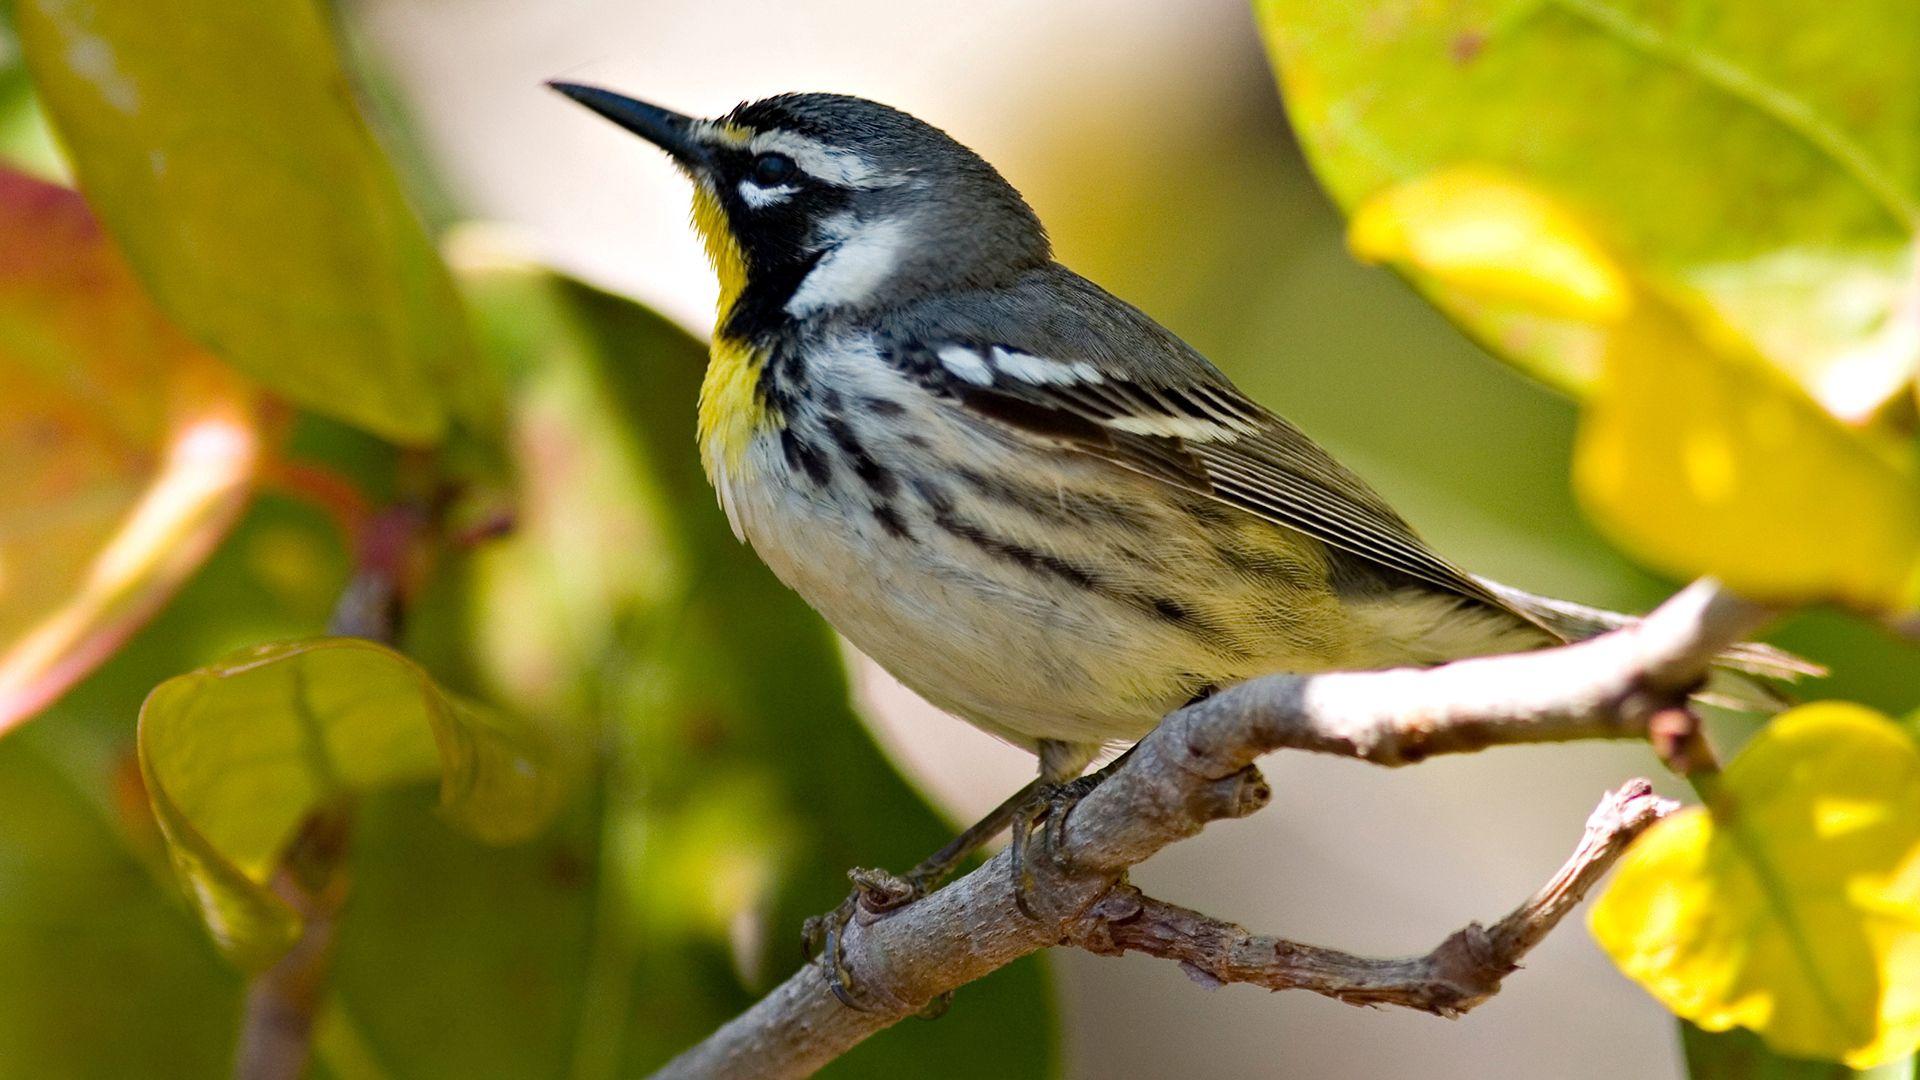 88996 Hintergrundbild herunterladen Tiere, Blätter, Vogel, Schnabel, Ast, Zweig - Bildschirmschoner und Bilder kostenlos